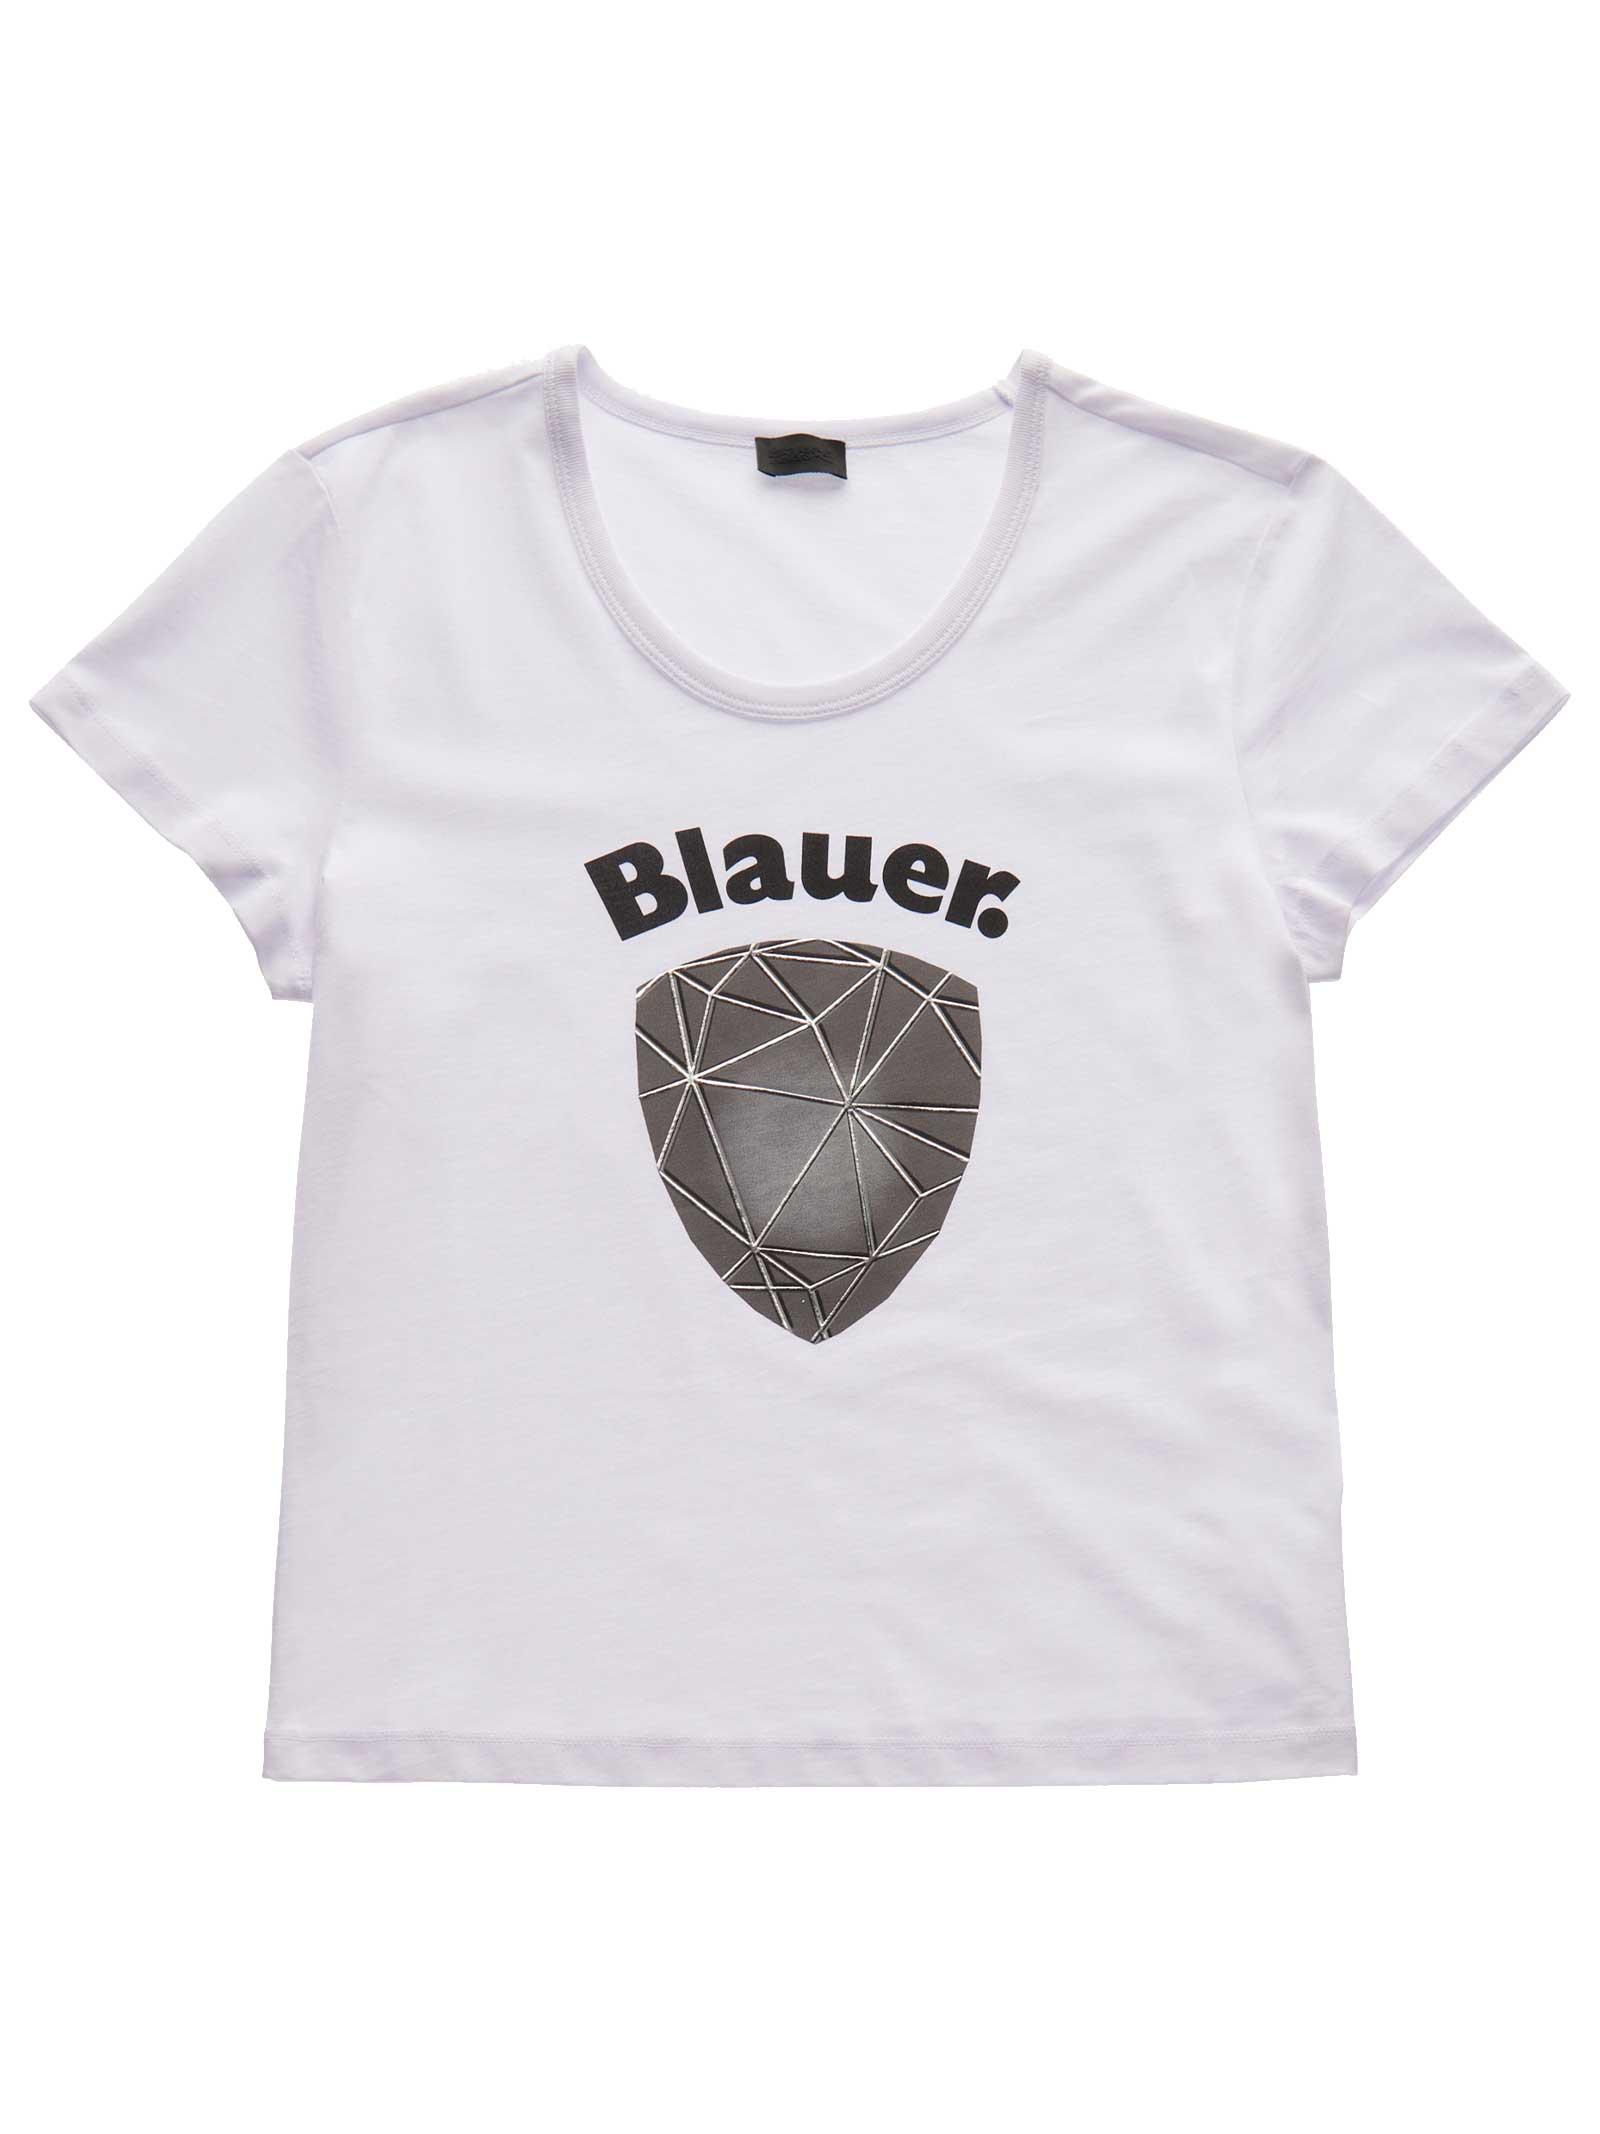 T- SHIRT BLAUER BLAUER | T-shirt | 21SBLDH02399-006006100